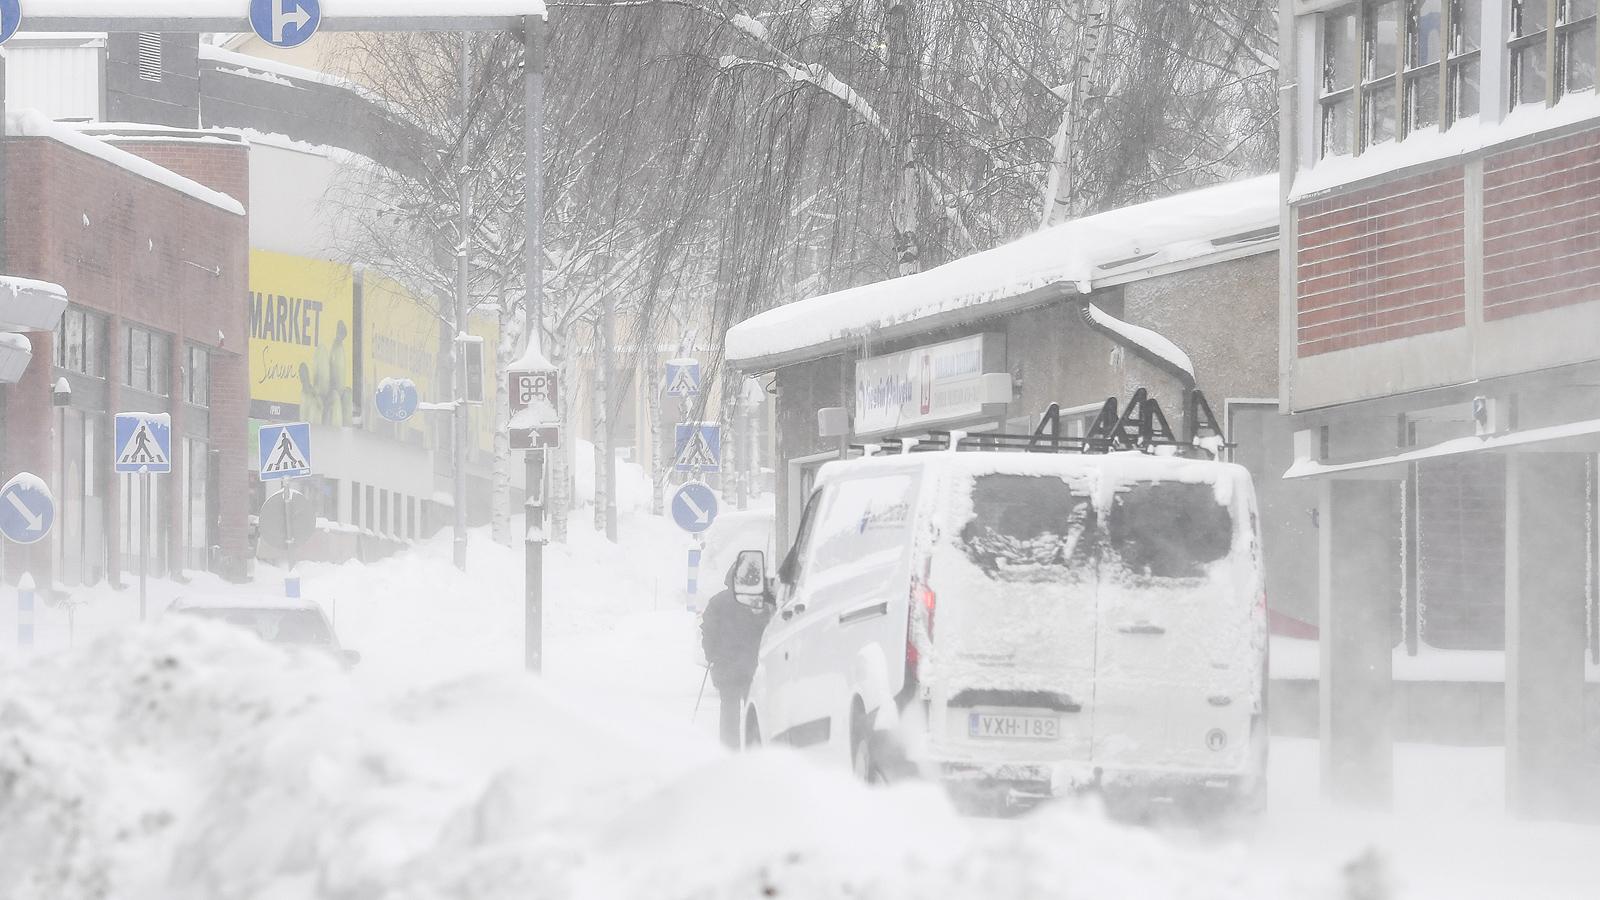 Финландия, тежка зимна буря със скорост на вятъра до 41 метра в секунда в крайбрежните зони, а по-късно в южната и централна част, подобри рекордите за скорост на вятъра от 1971 г.